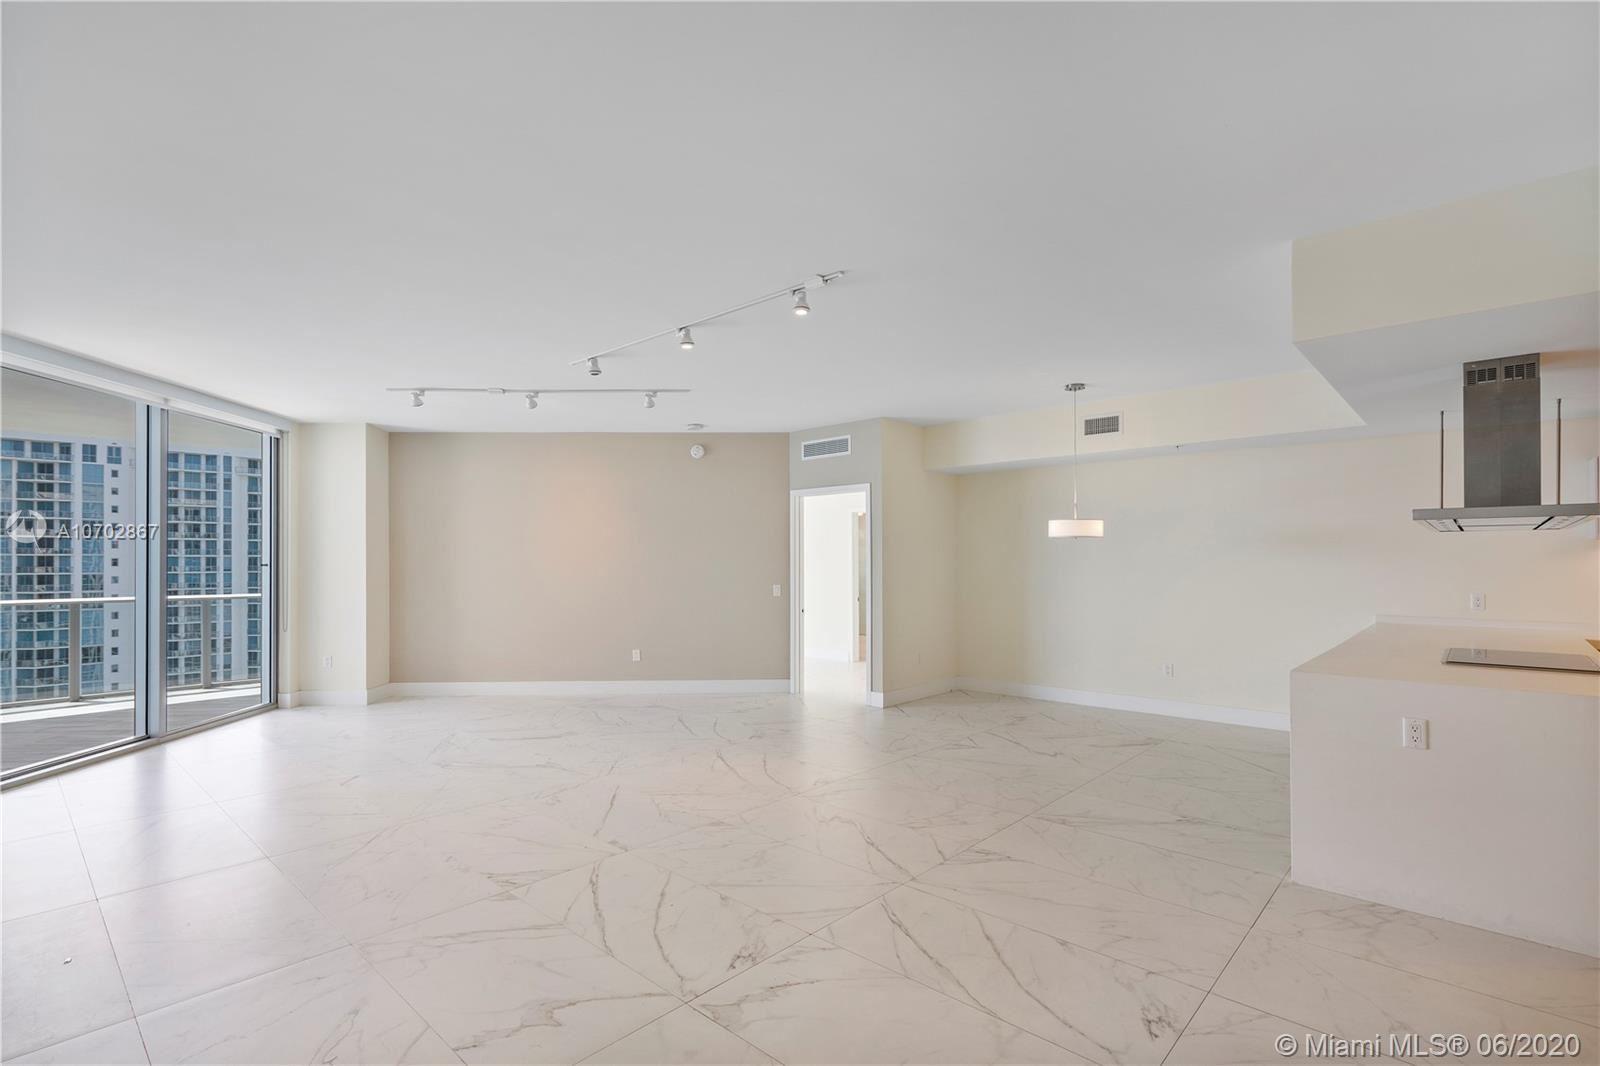 17301 Biscayne Blvd #1907, North Miami Beach, FL 33160 - #: A10702867